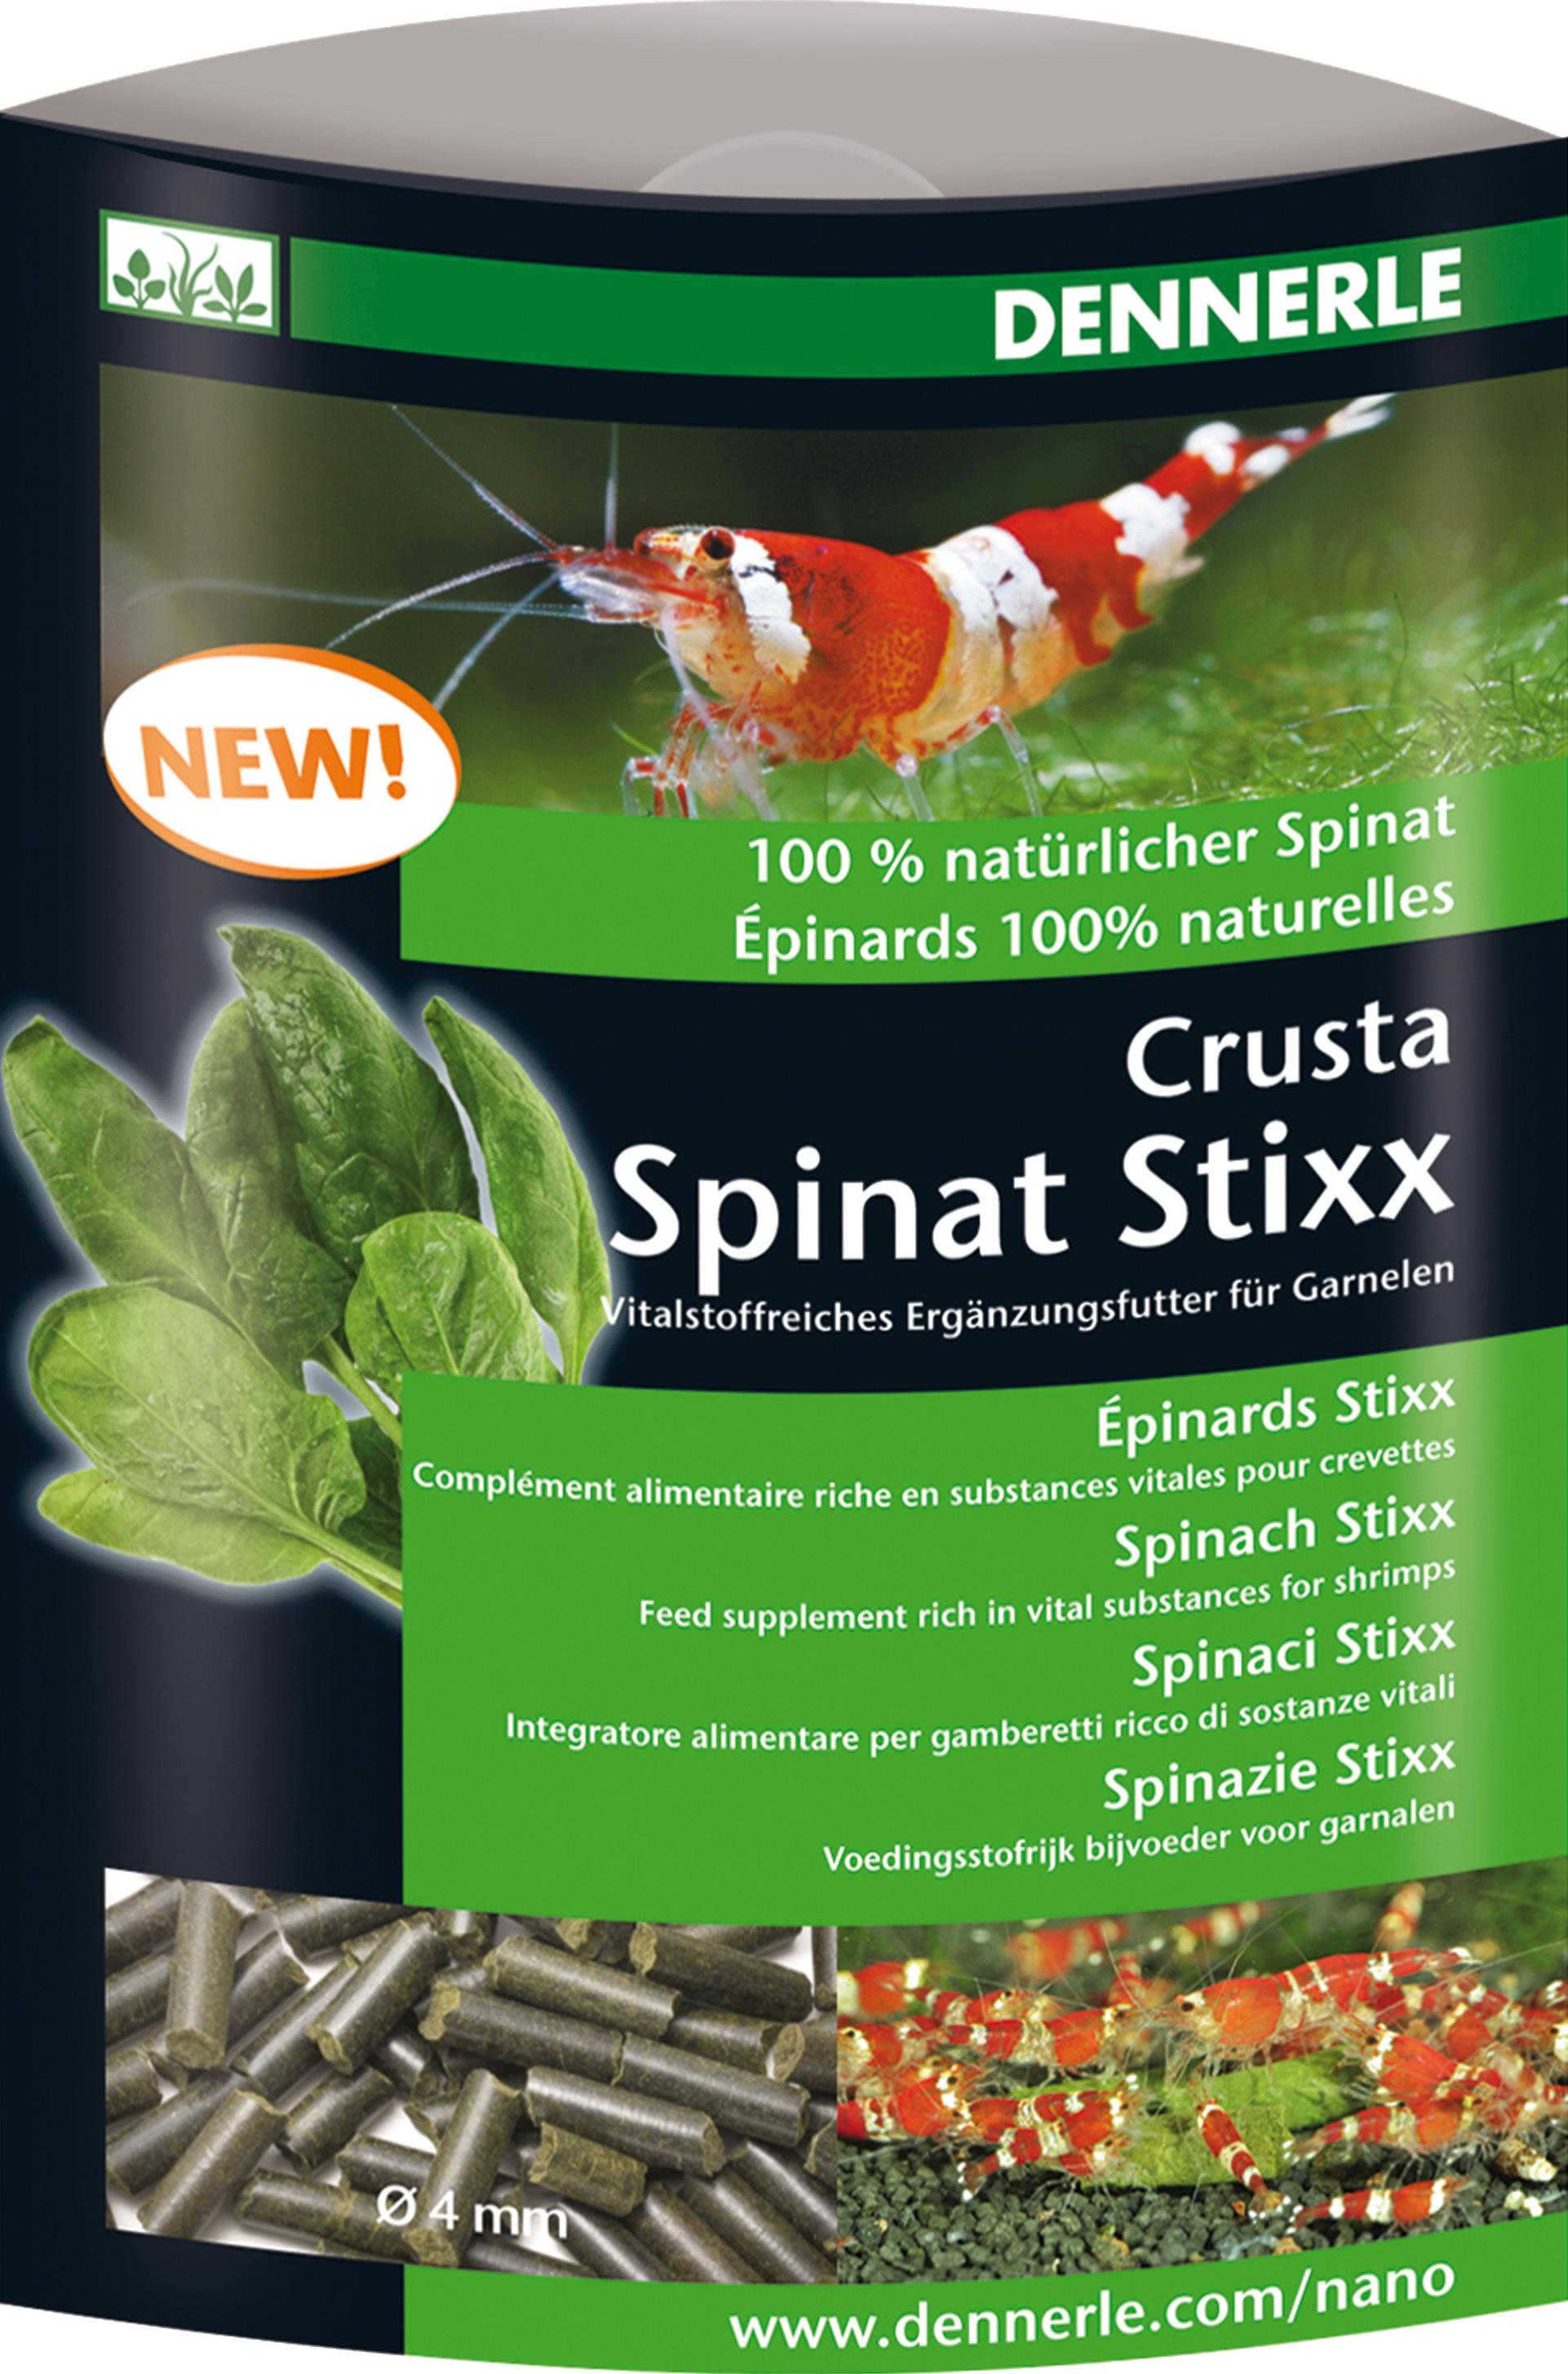 Dennerle Crusta Spinat Stixx - 30 g